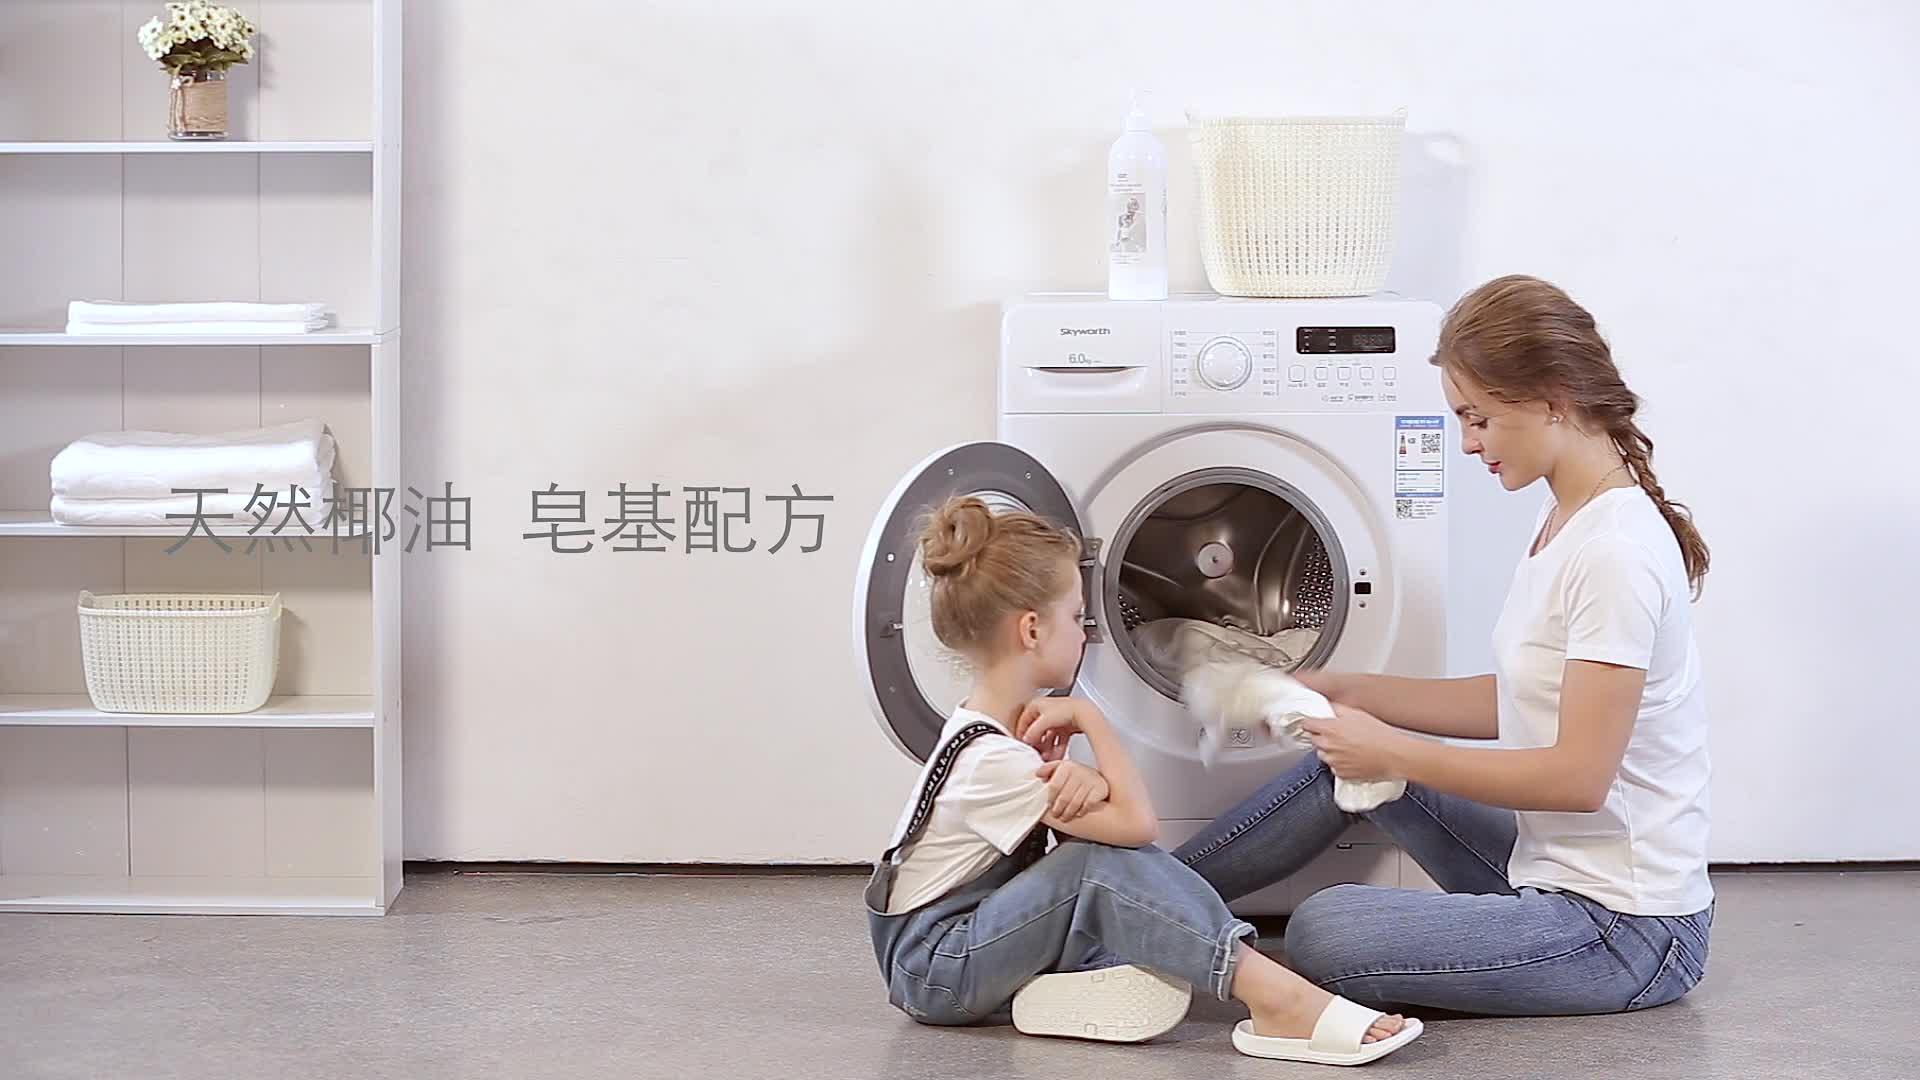 Grado superiore Amichevole Formulazione di Decontaminazione Liquido Bucato Detersivo Per Il Lavaggio A Mano O in Lavatrice